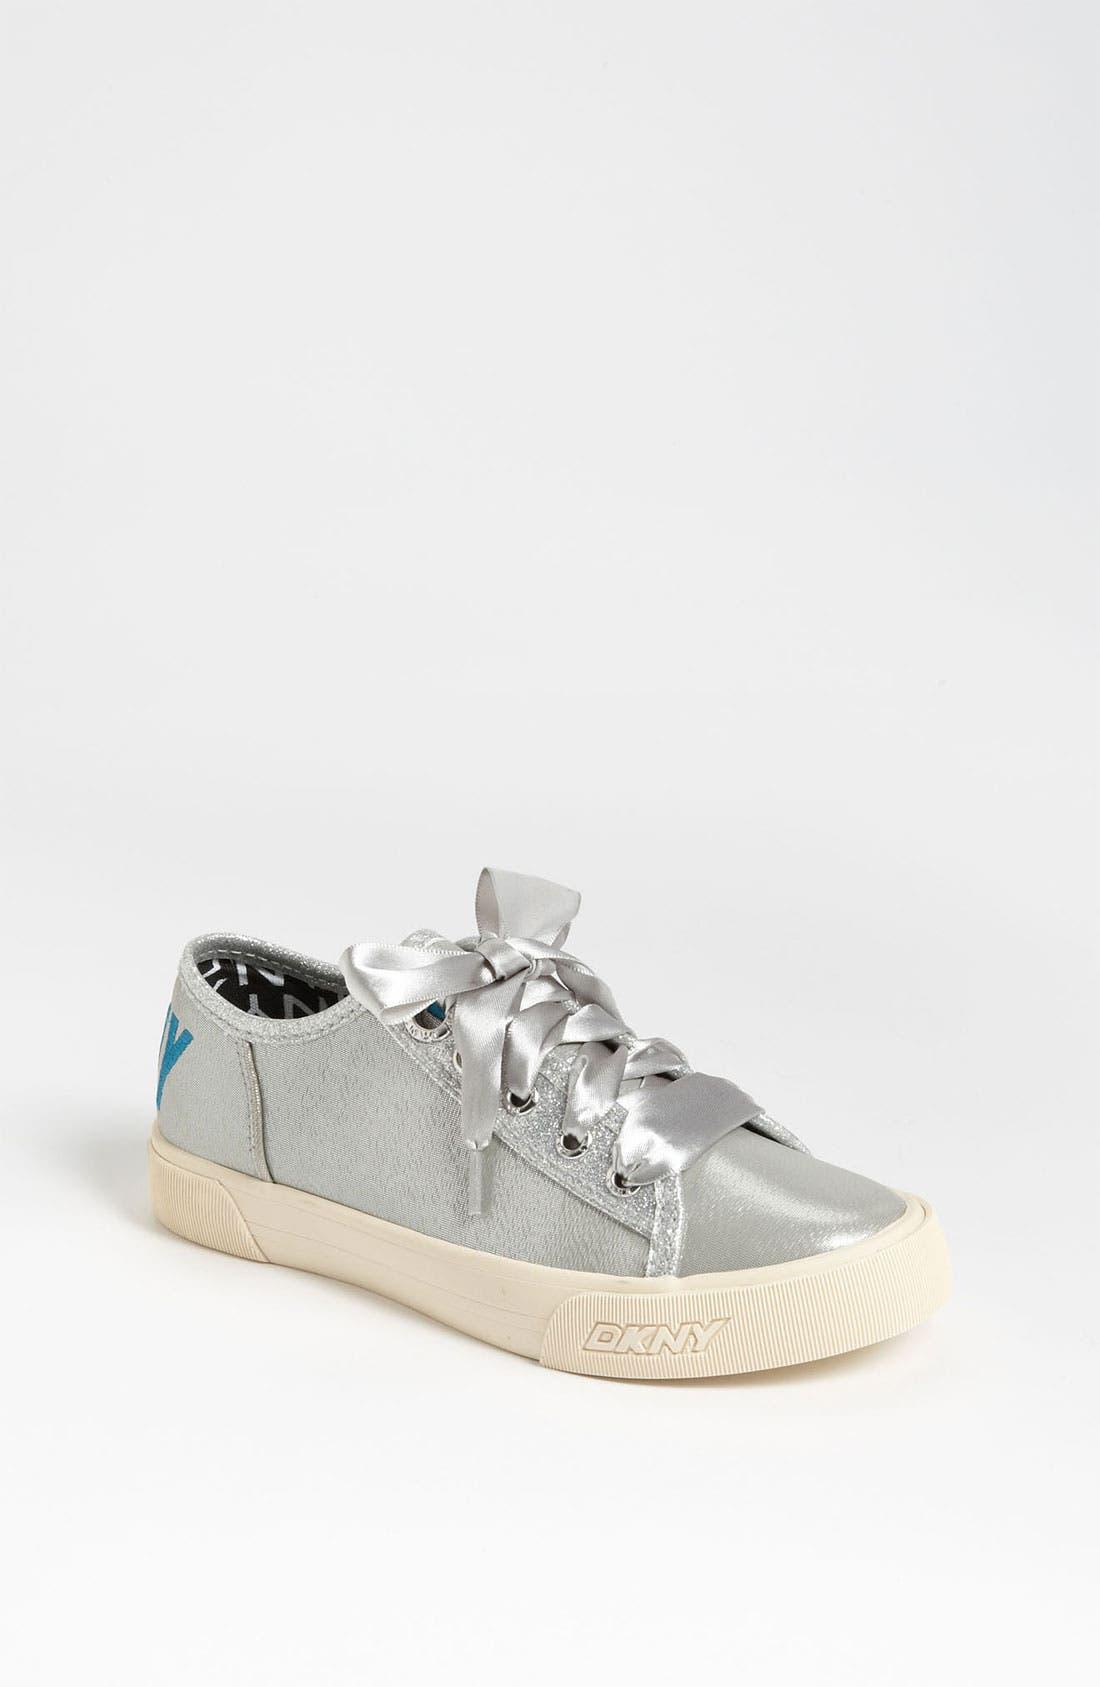 Main Image - DKNY 'Linden' Sparkle Sneaker (Toddler, Little Kid & Big Kid)